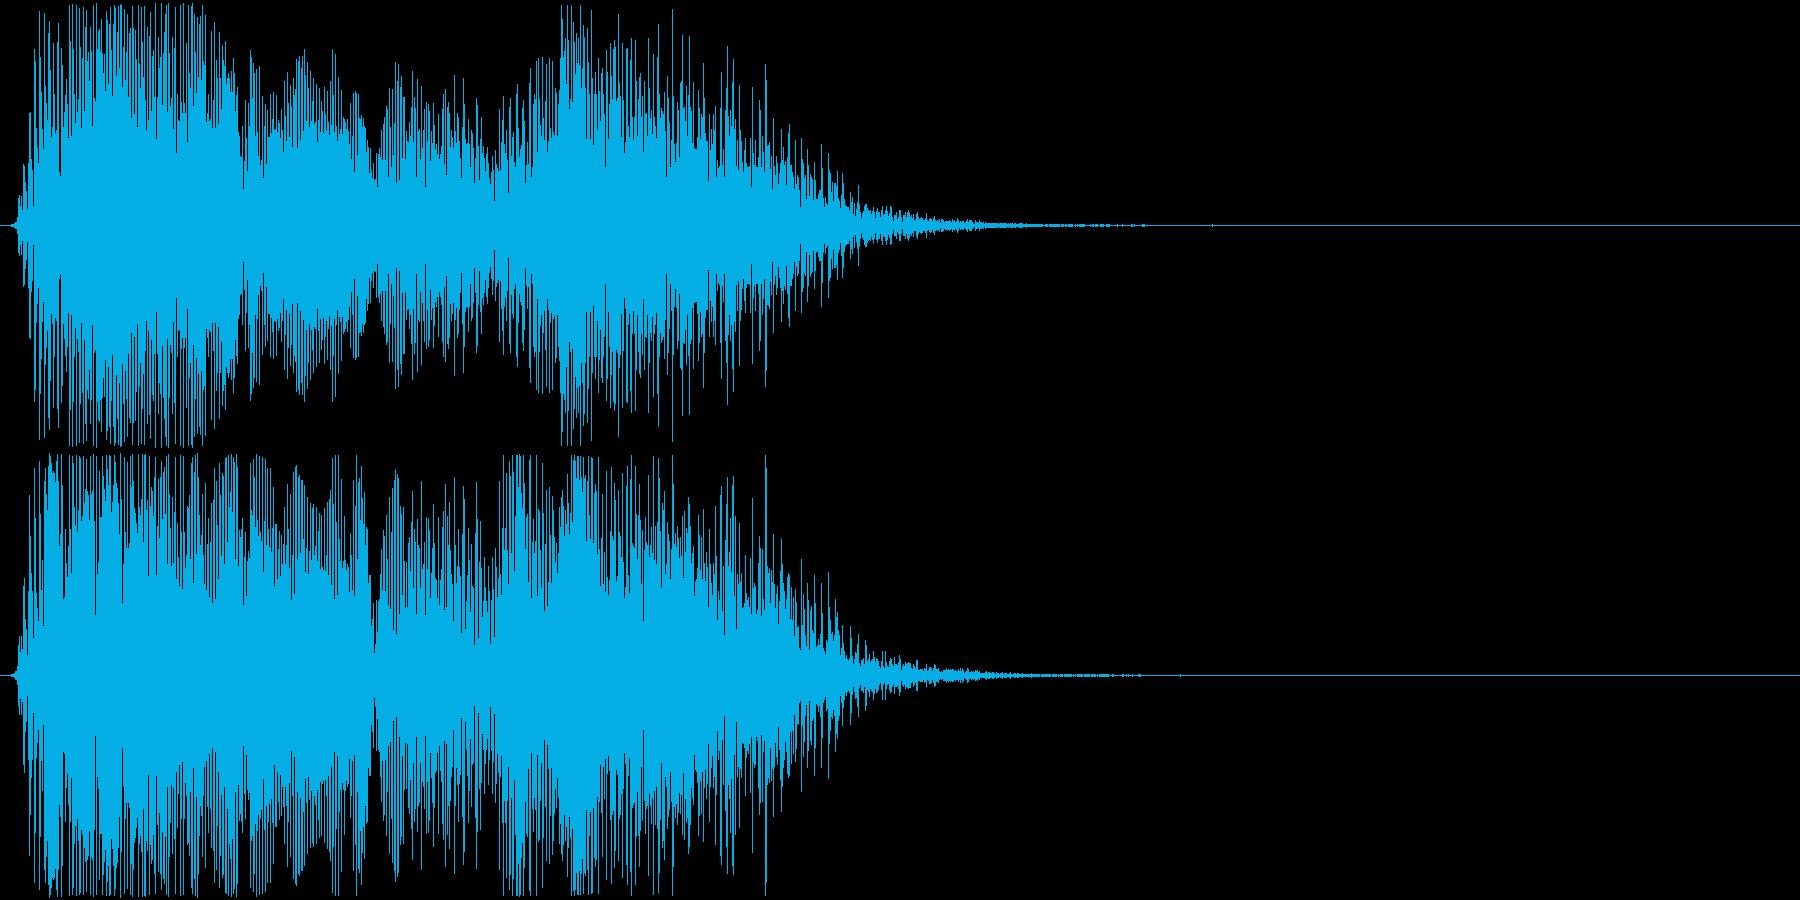 格闘ゲーム用「ラウンド1」の再生済みの波形